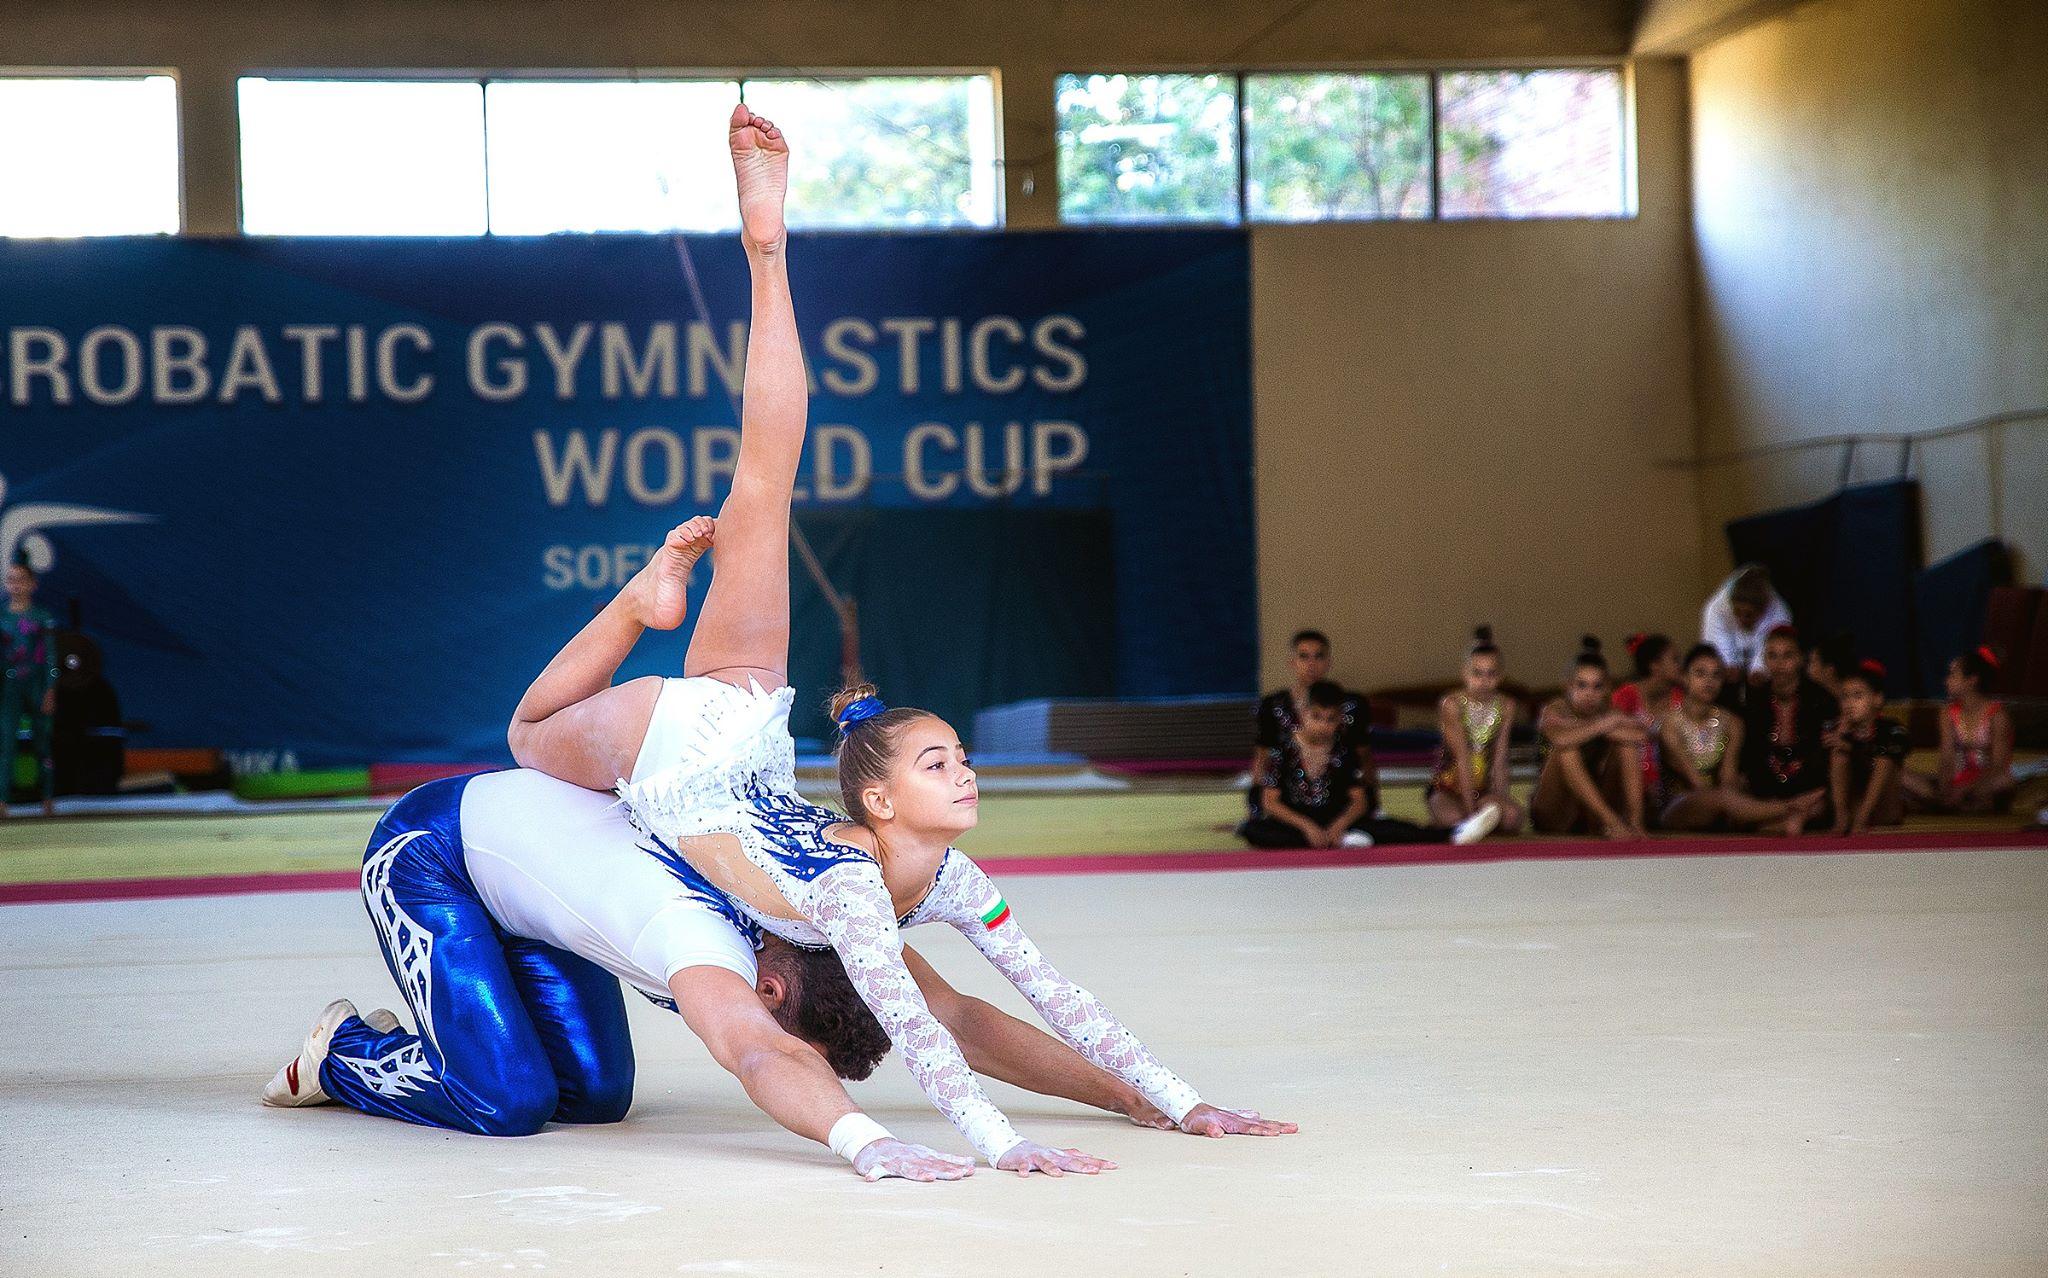 европейски шампиони и медалисти идват на световната купа по акробатика в София